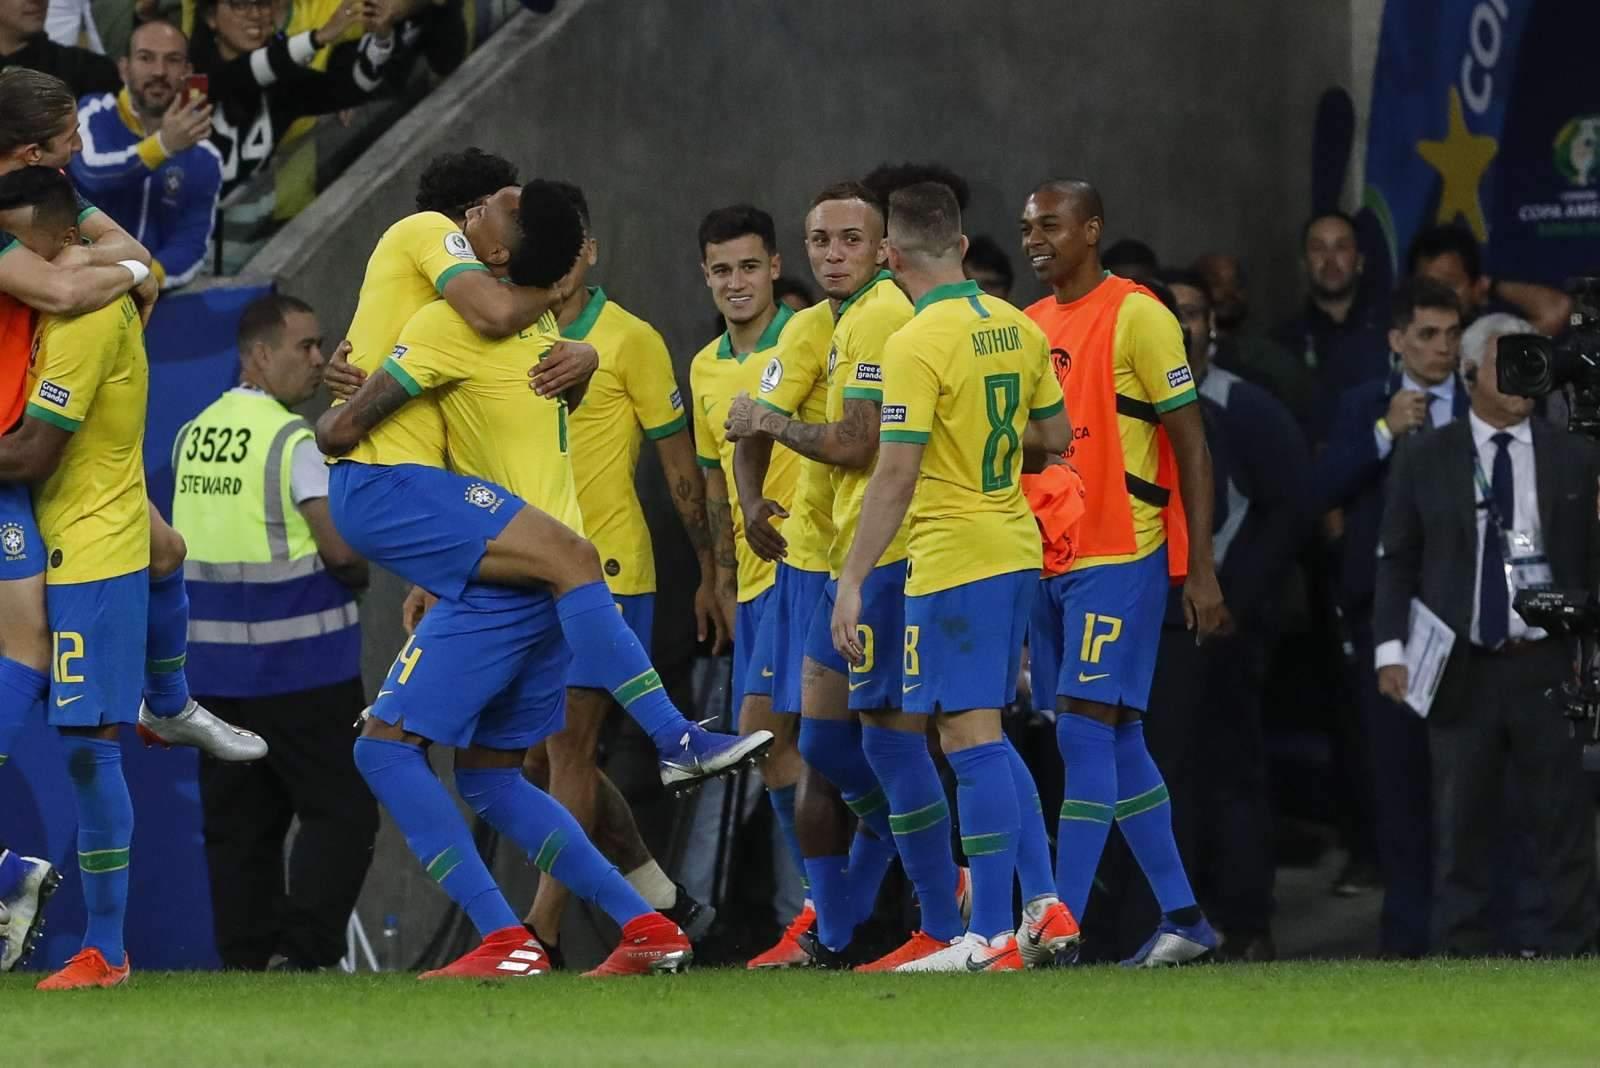 Бразилия обыграла Эквадор благодаря голам Ришарлисона и Неймара